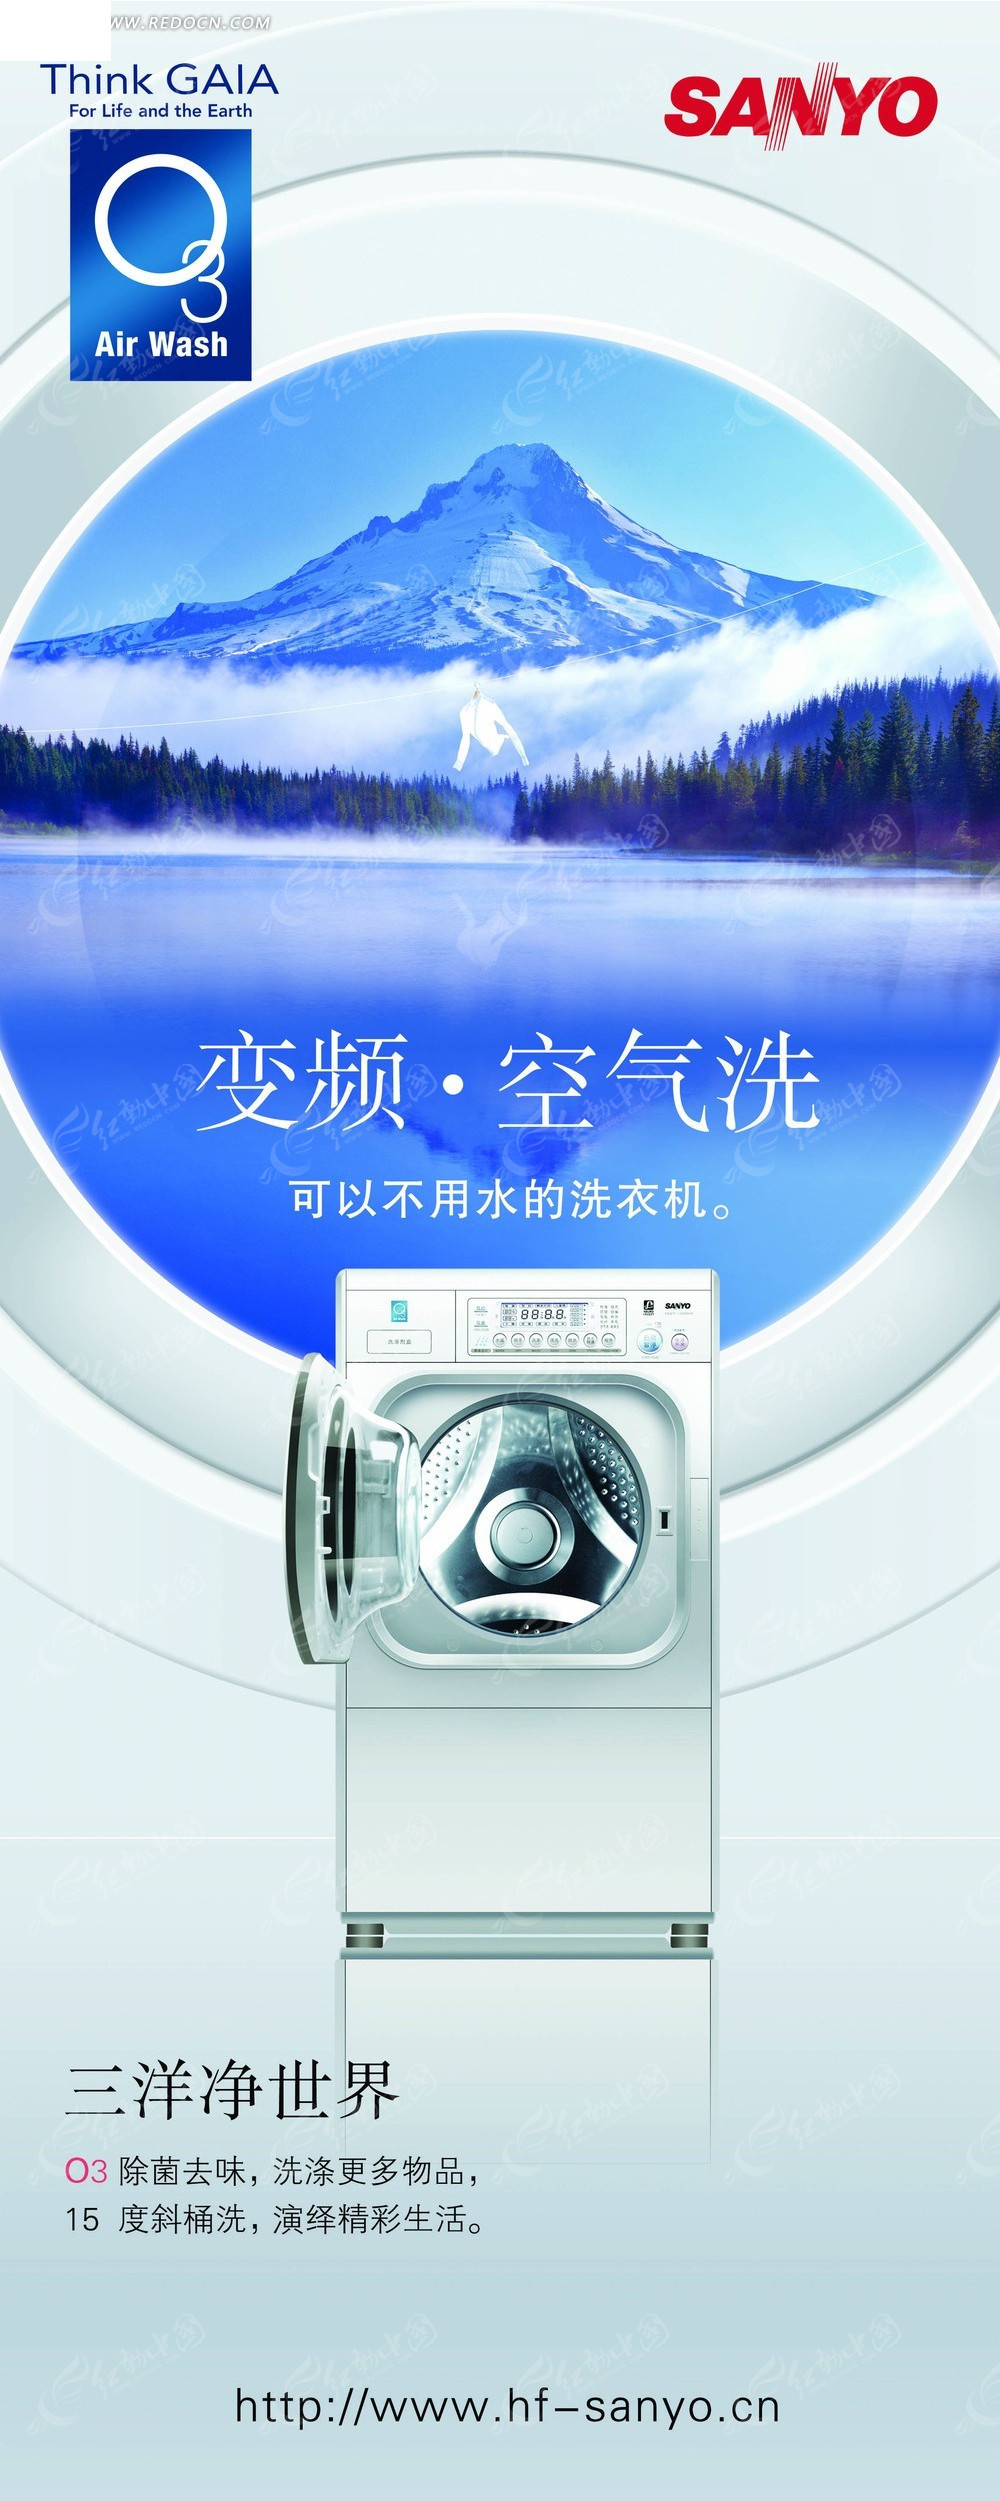 三洋变频洗衣机宣传x展架